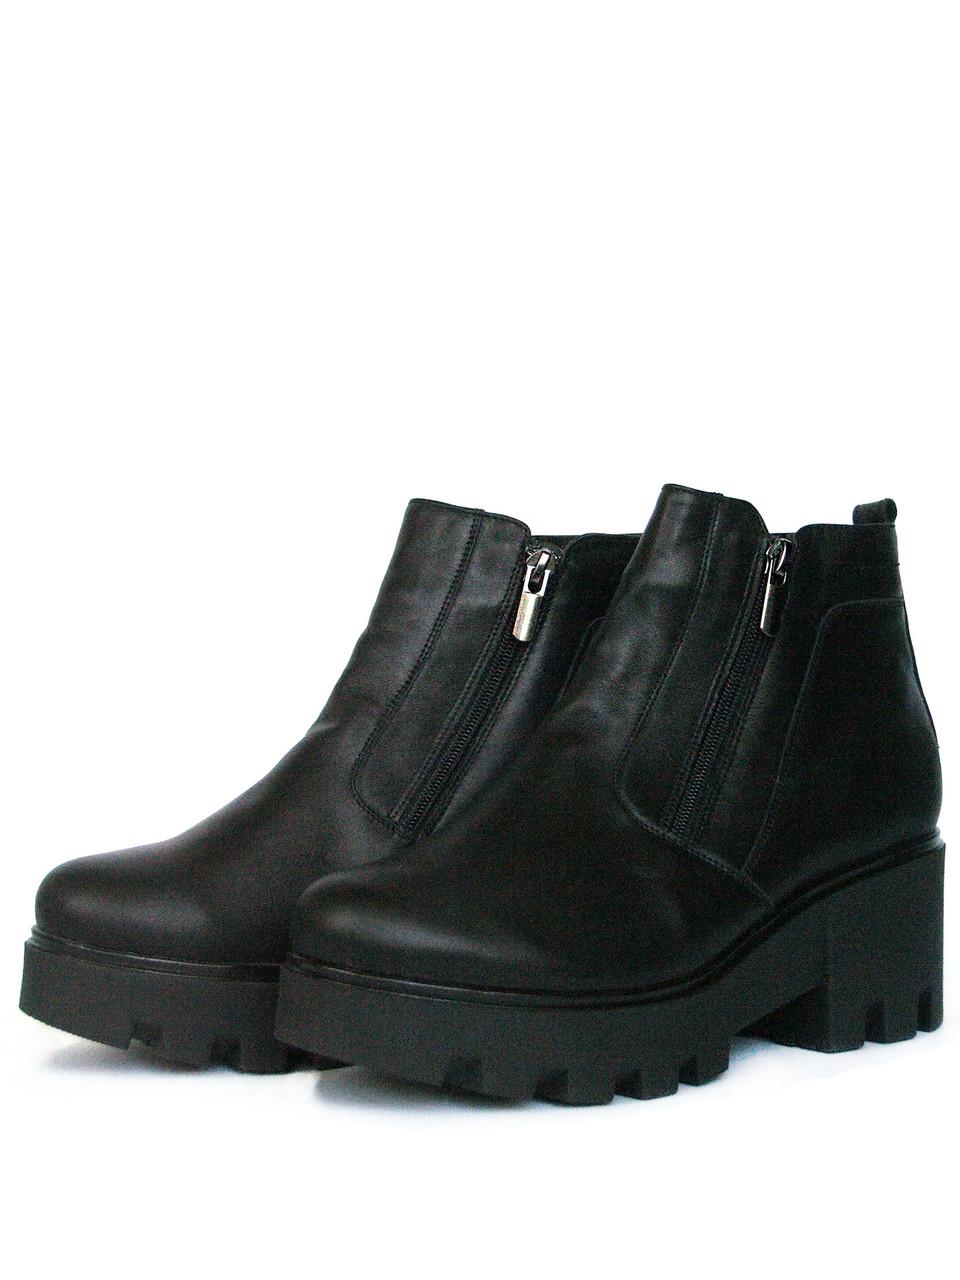 Ботинки женские зимние на тракторной подошве